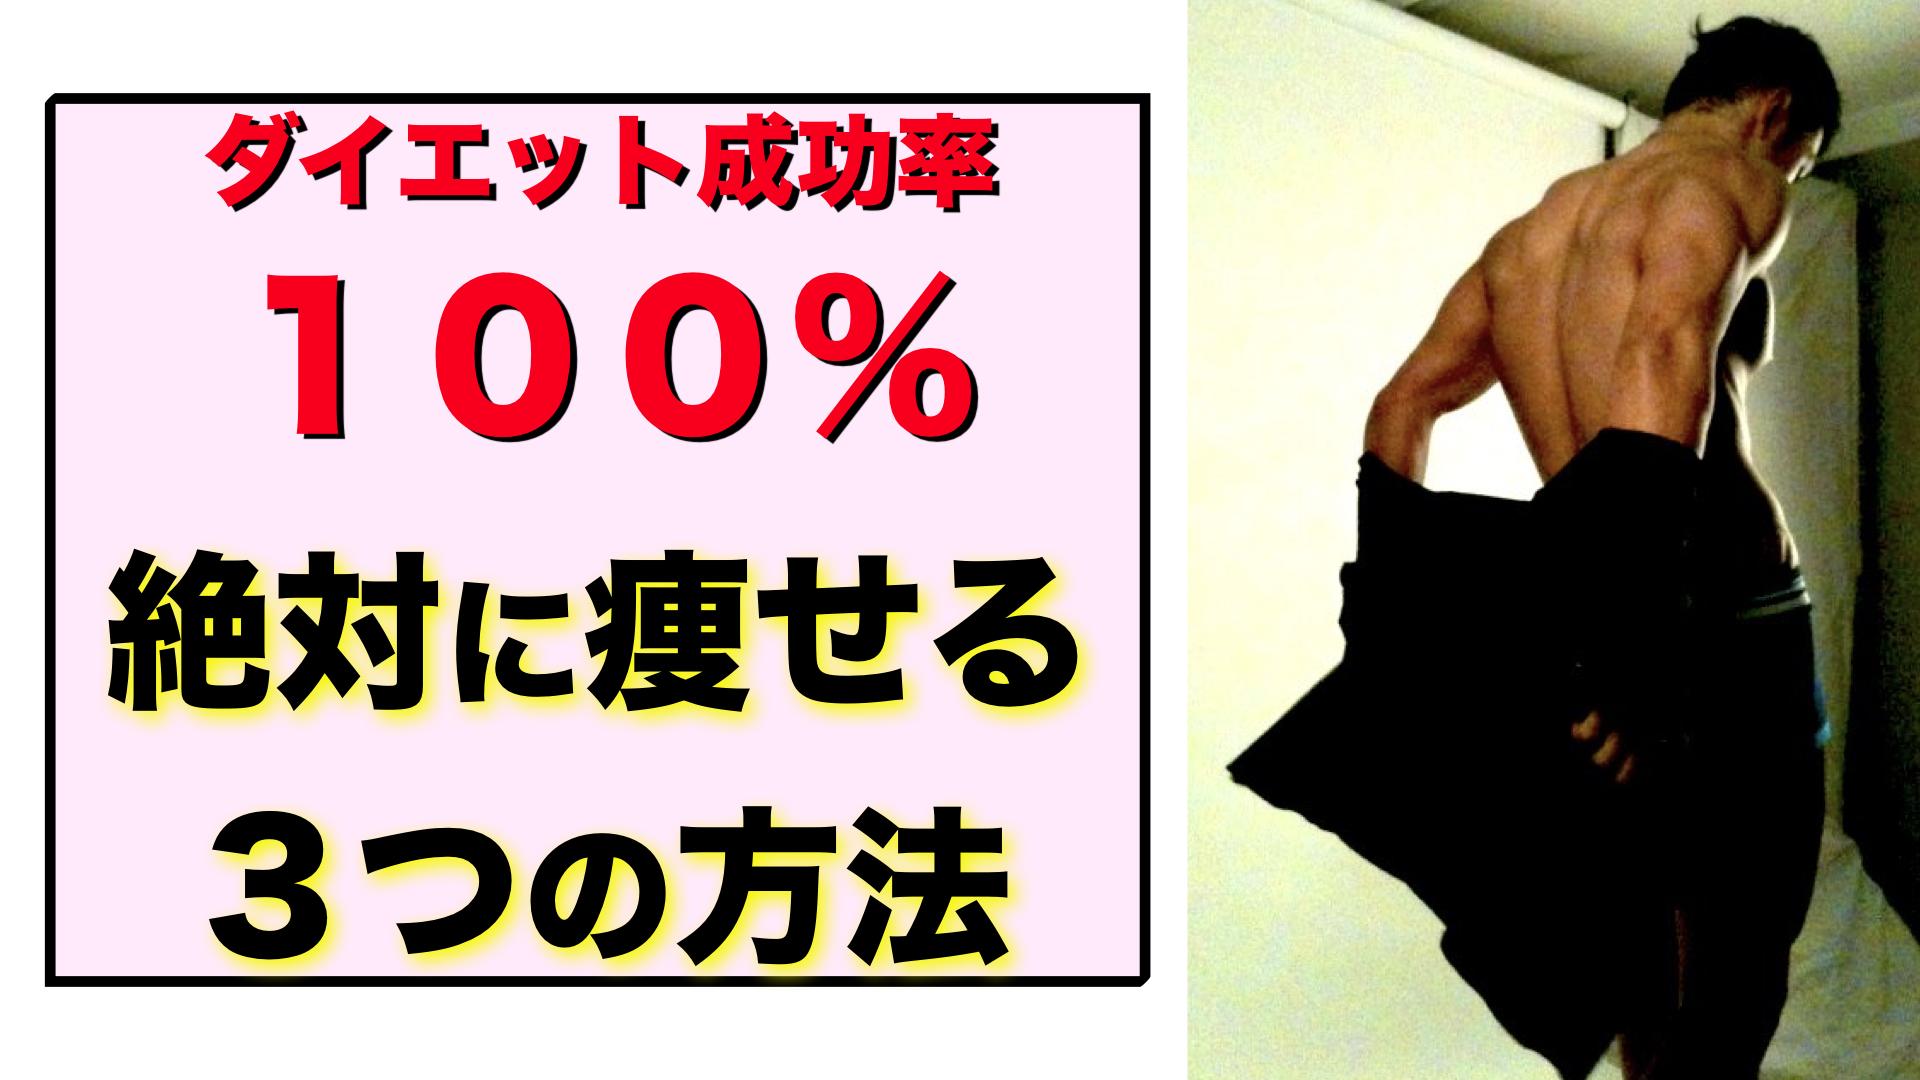 【ダイエット成功率100%】絶対に痩せる方法